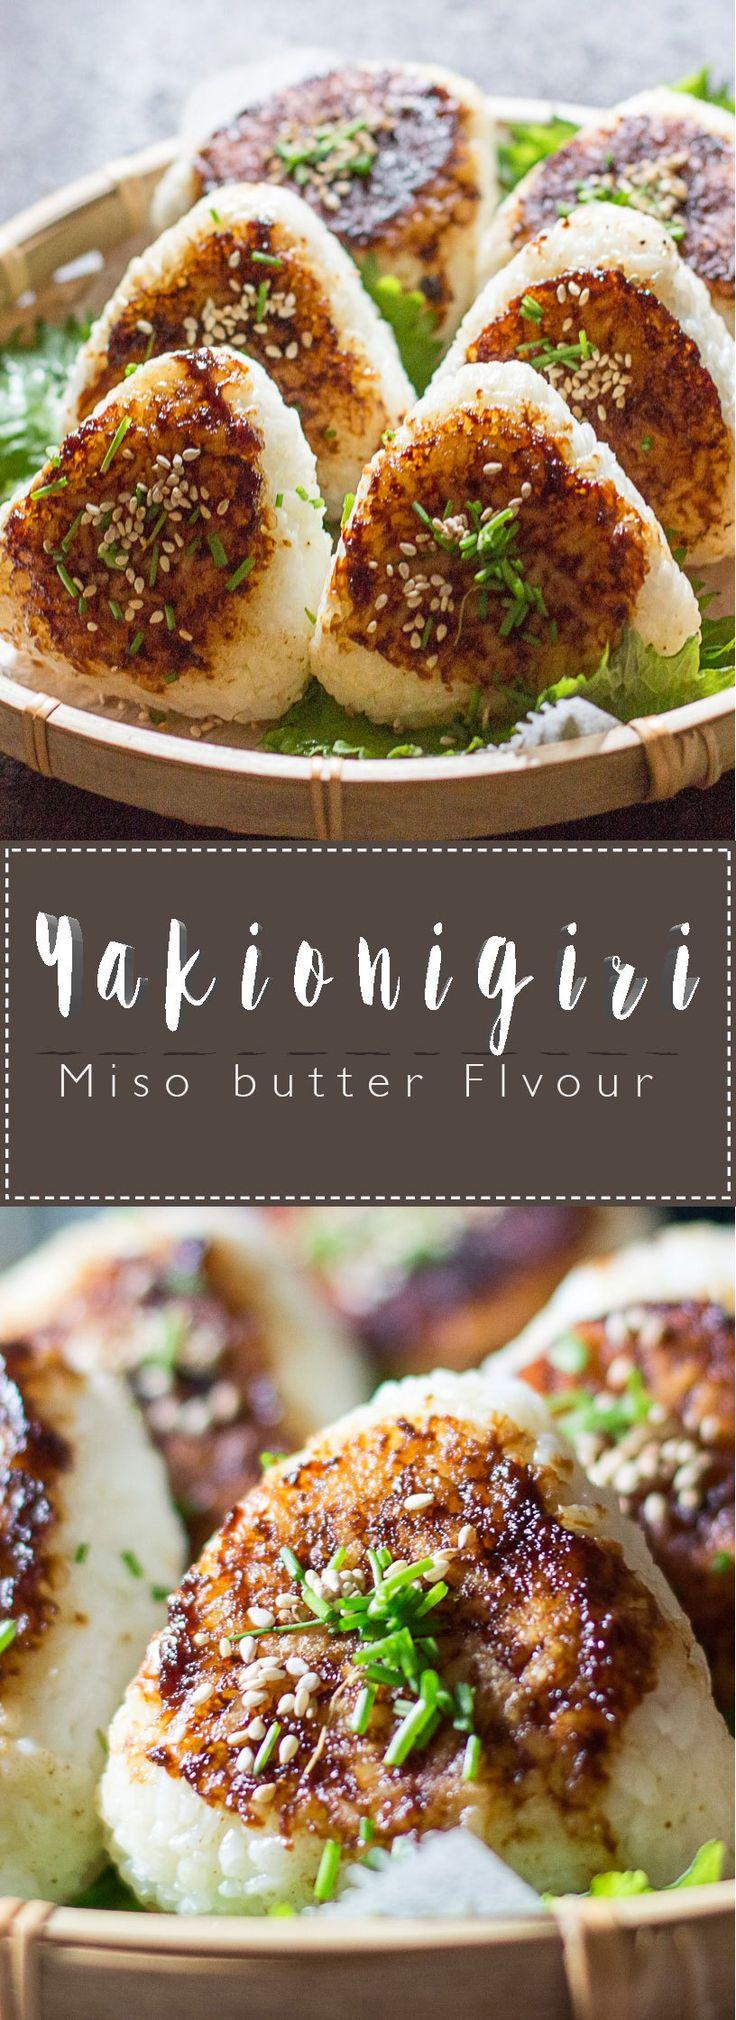 Yakionigiri Miso Butter Flavour collage